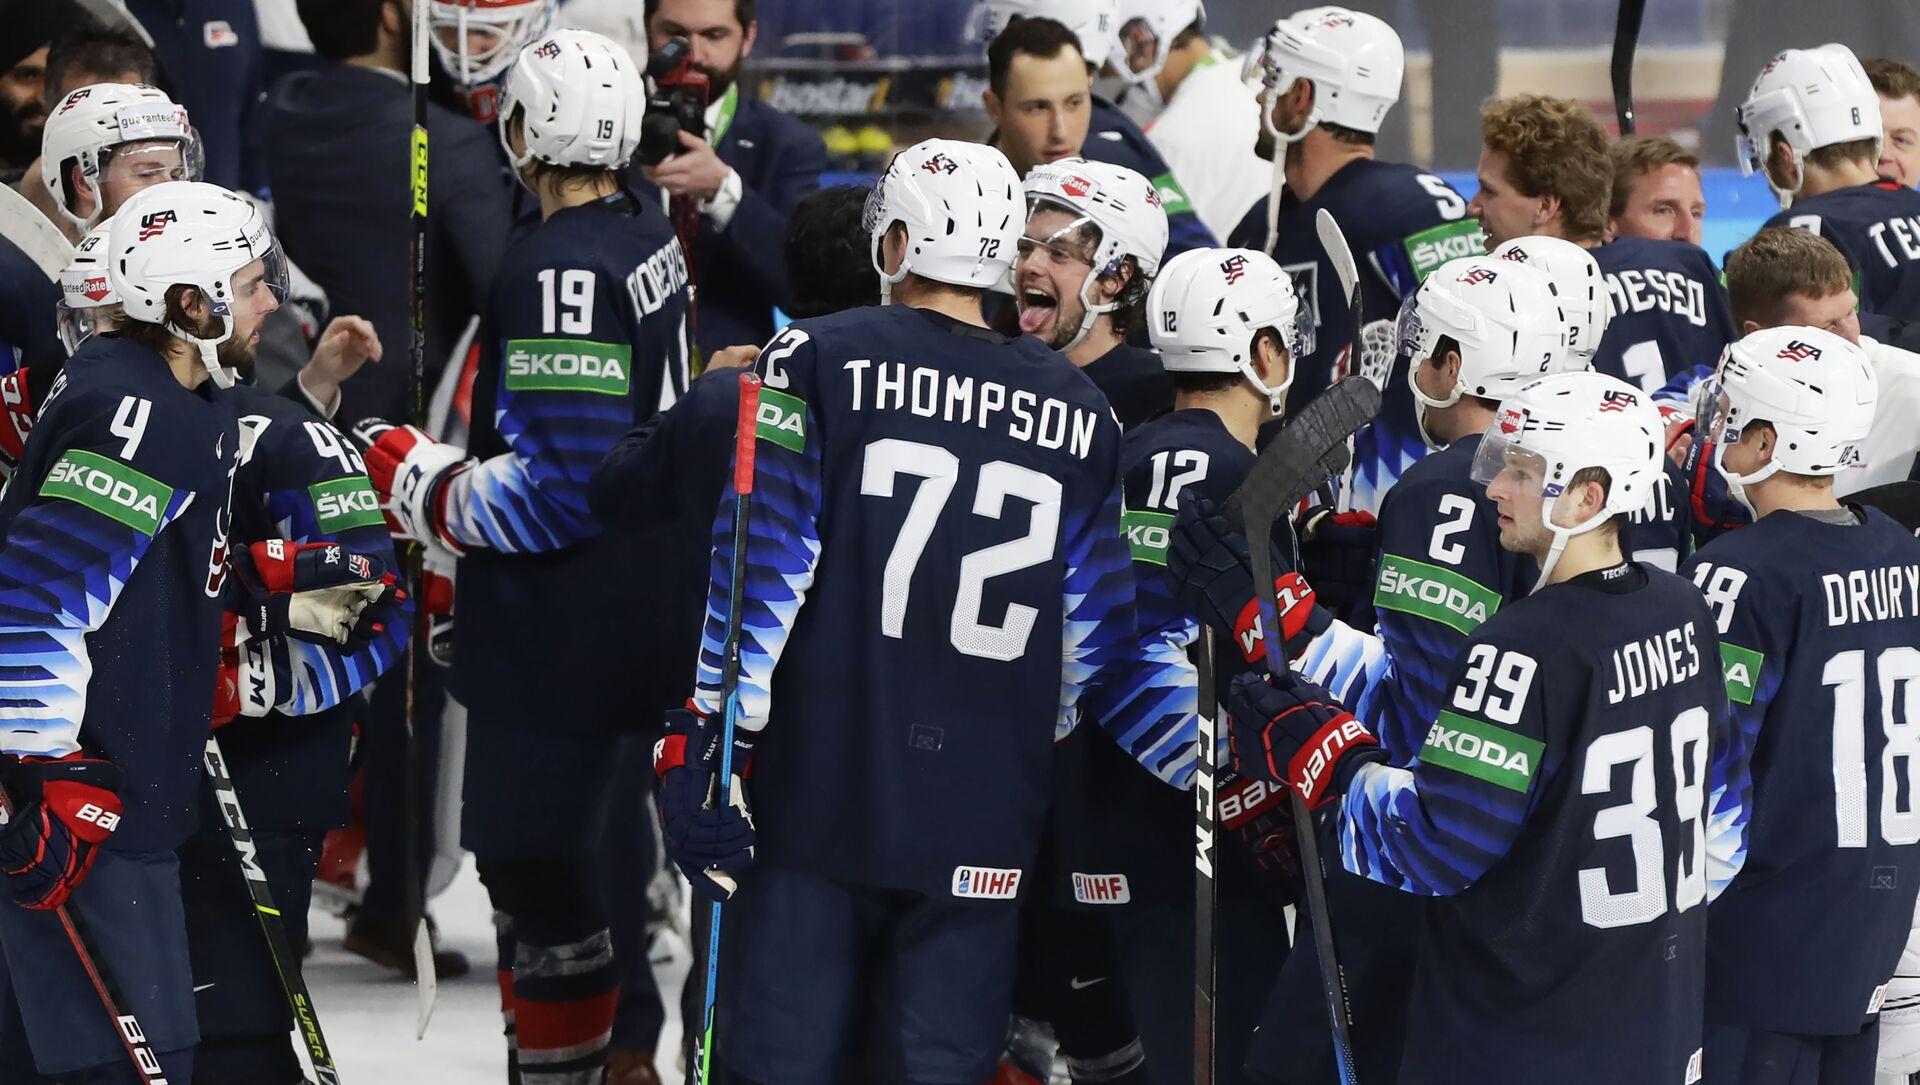 Игроки сборной США празднуют победу над сборной Германии в матче за третье место ЧМ в Риге - Sputnik Беларусь, 1920, 06.06.2021